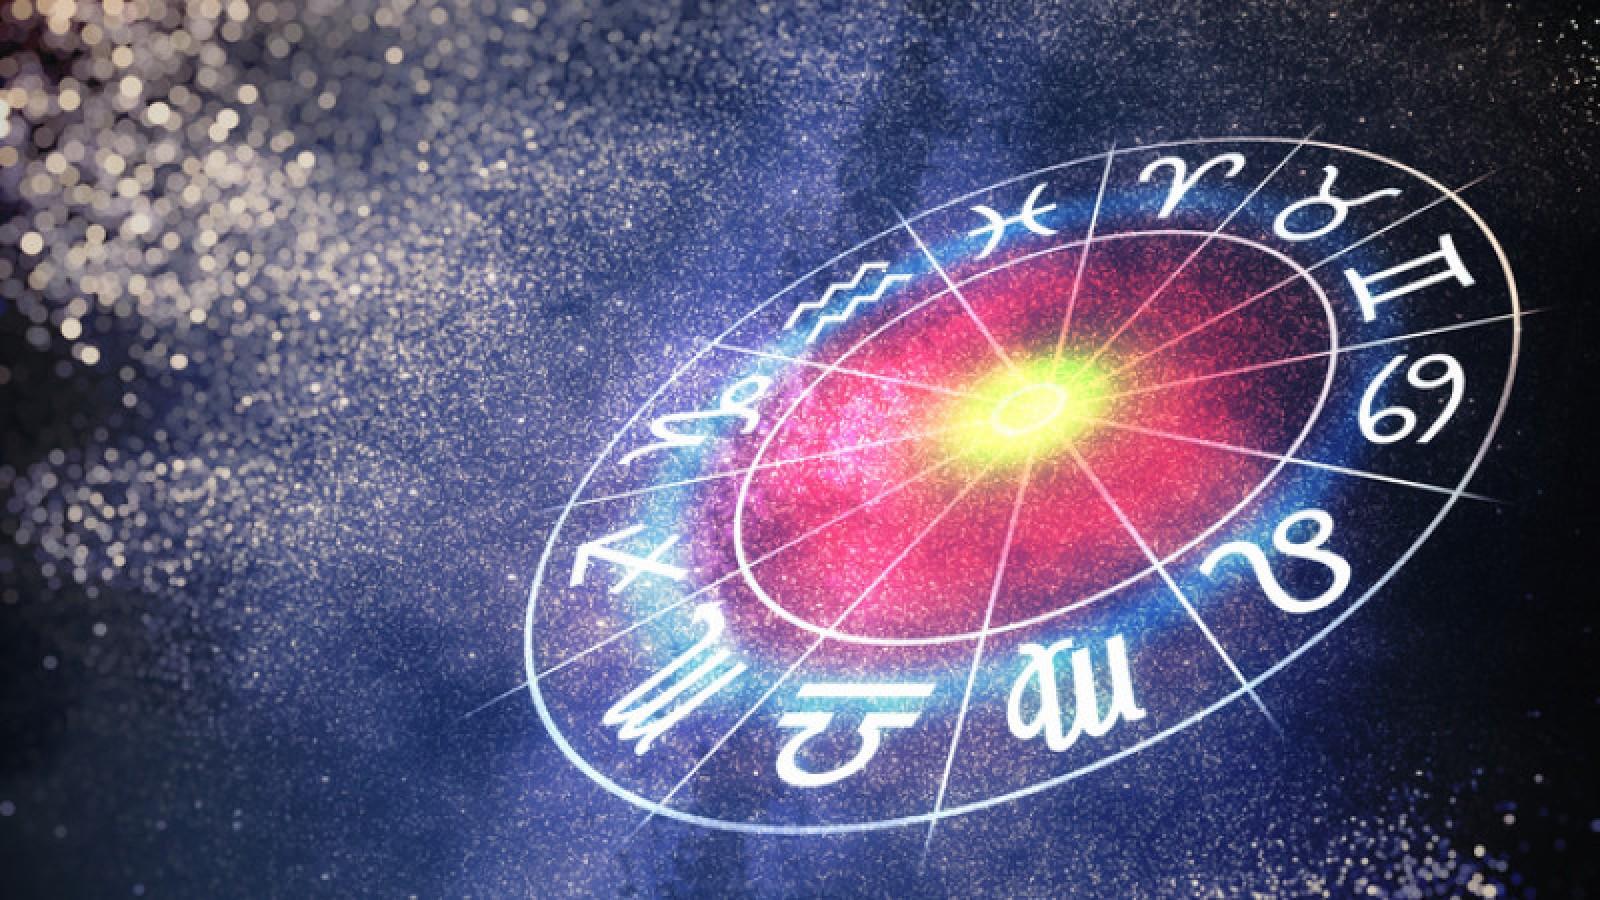 Horoscop: Nativii din Taur vor avea parte de o zi de neuitat, iar Scorpionii vor obţine câştiguri suplimentare